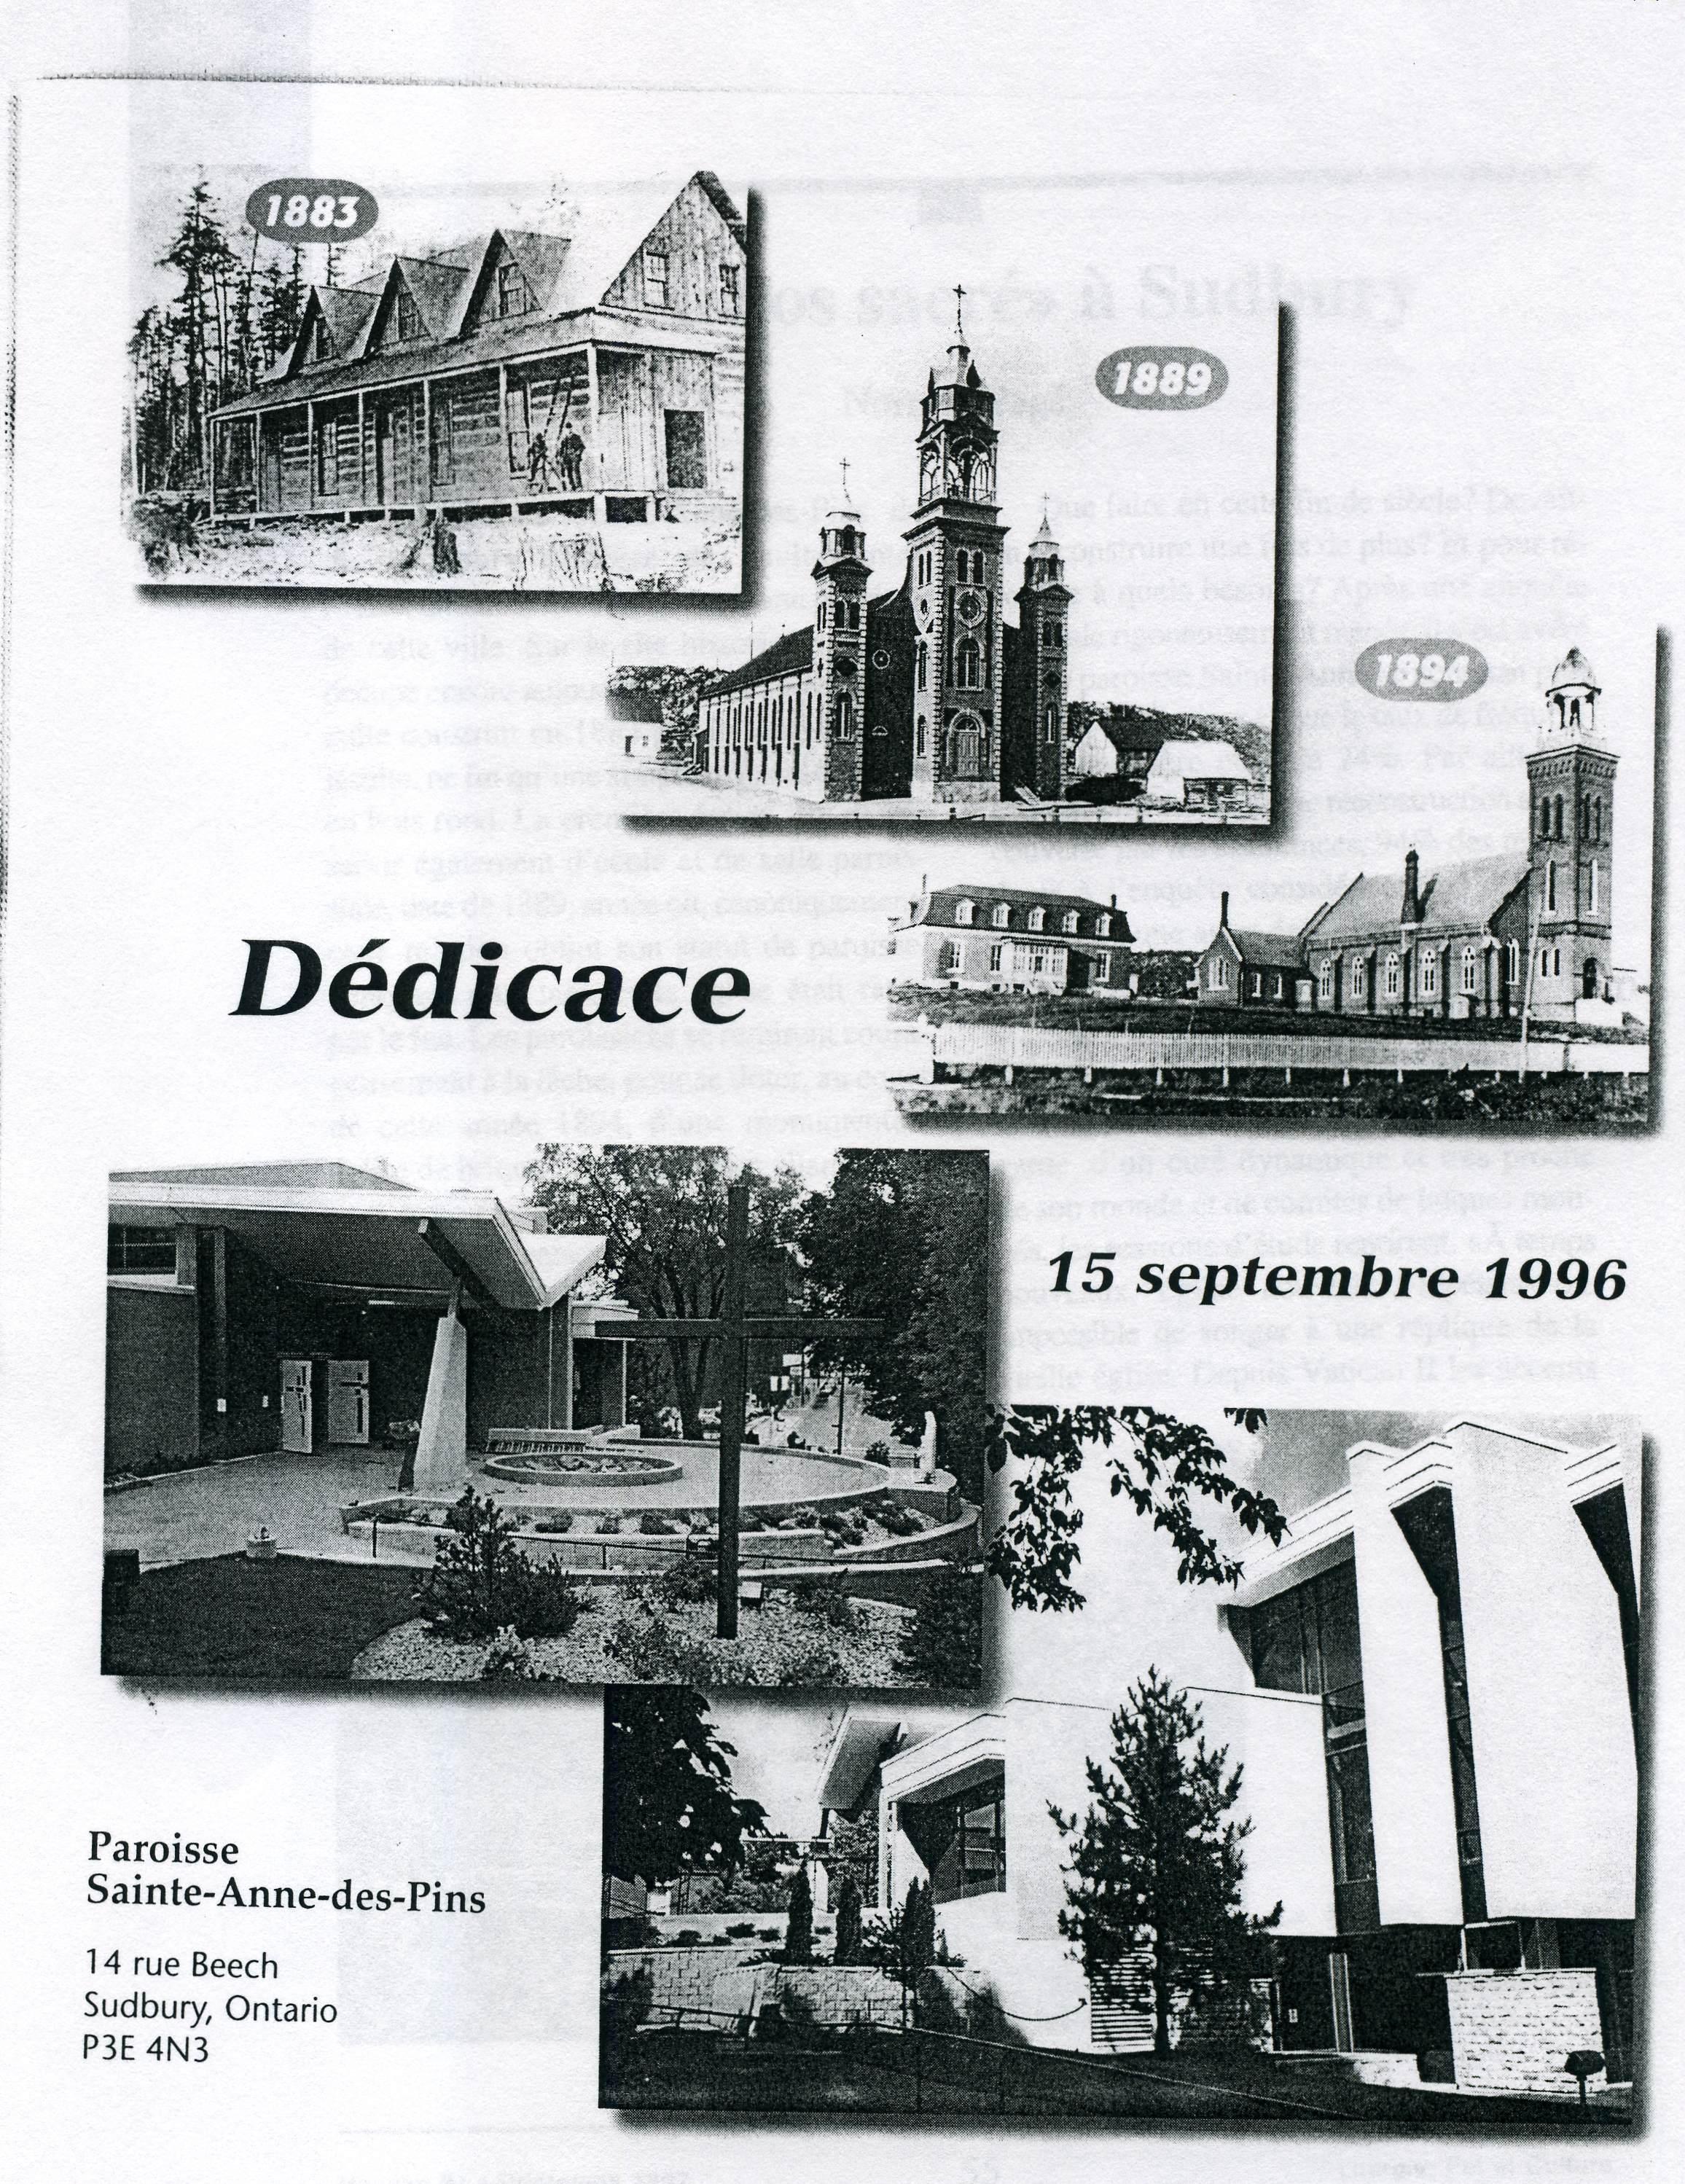 Dédicace en 1996